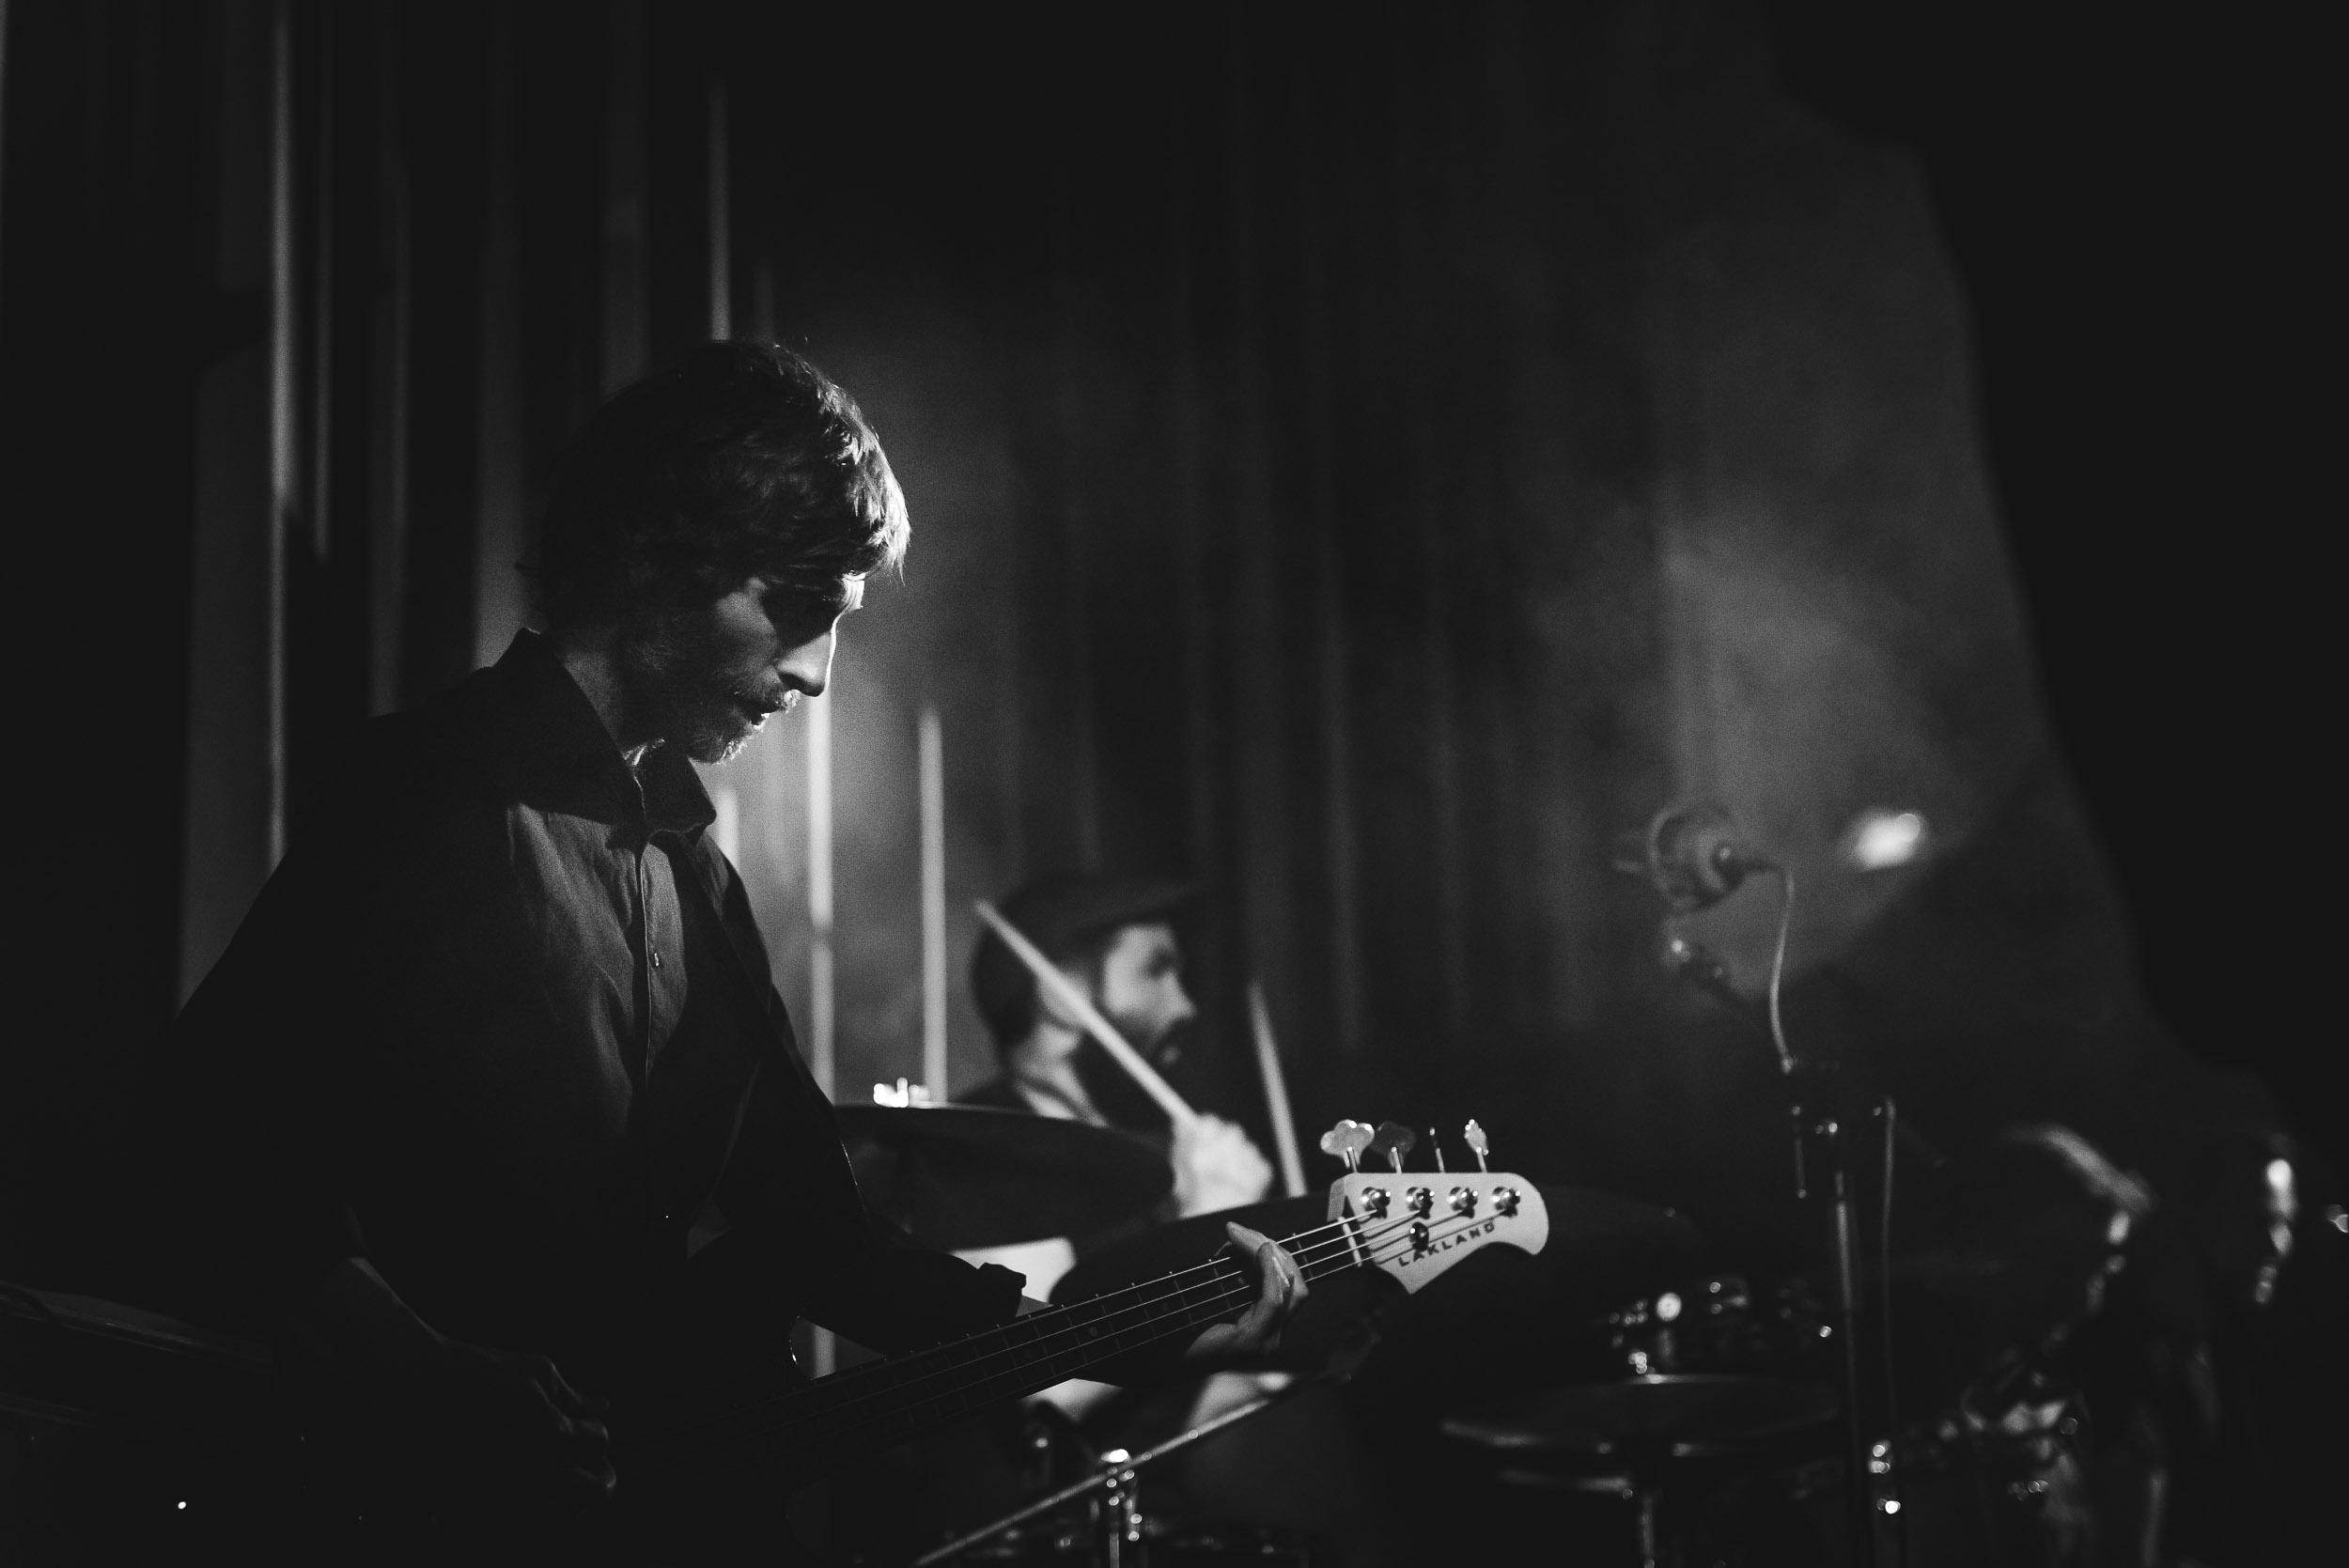 Michal-Ambroz-Hudba-Praha-Tomas-Valnoha-5-.jpg